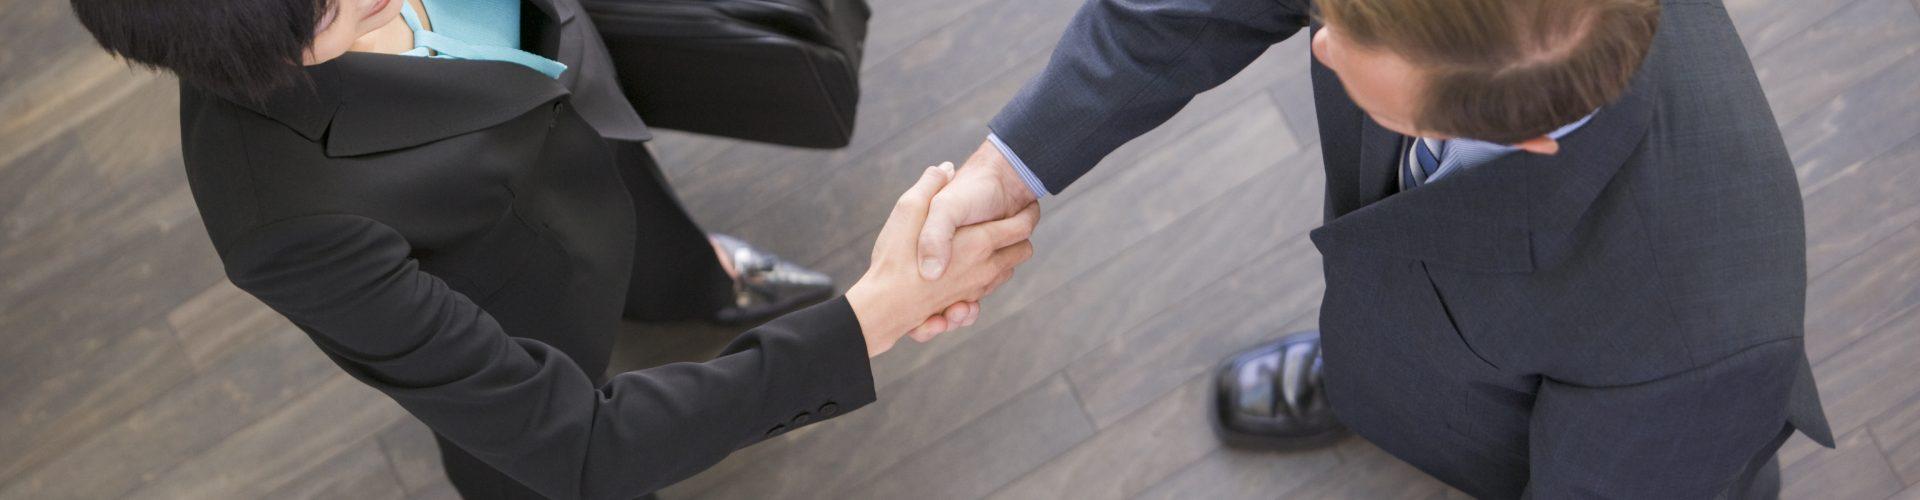 Opsøgende salgsarbejde - vi giver dig adgang til nye kundeemner